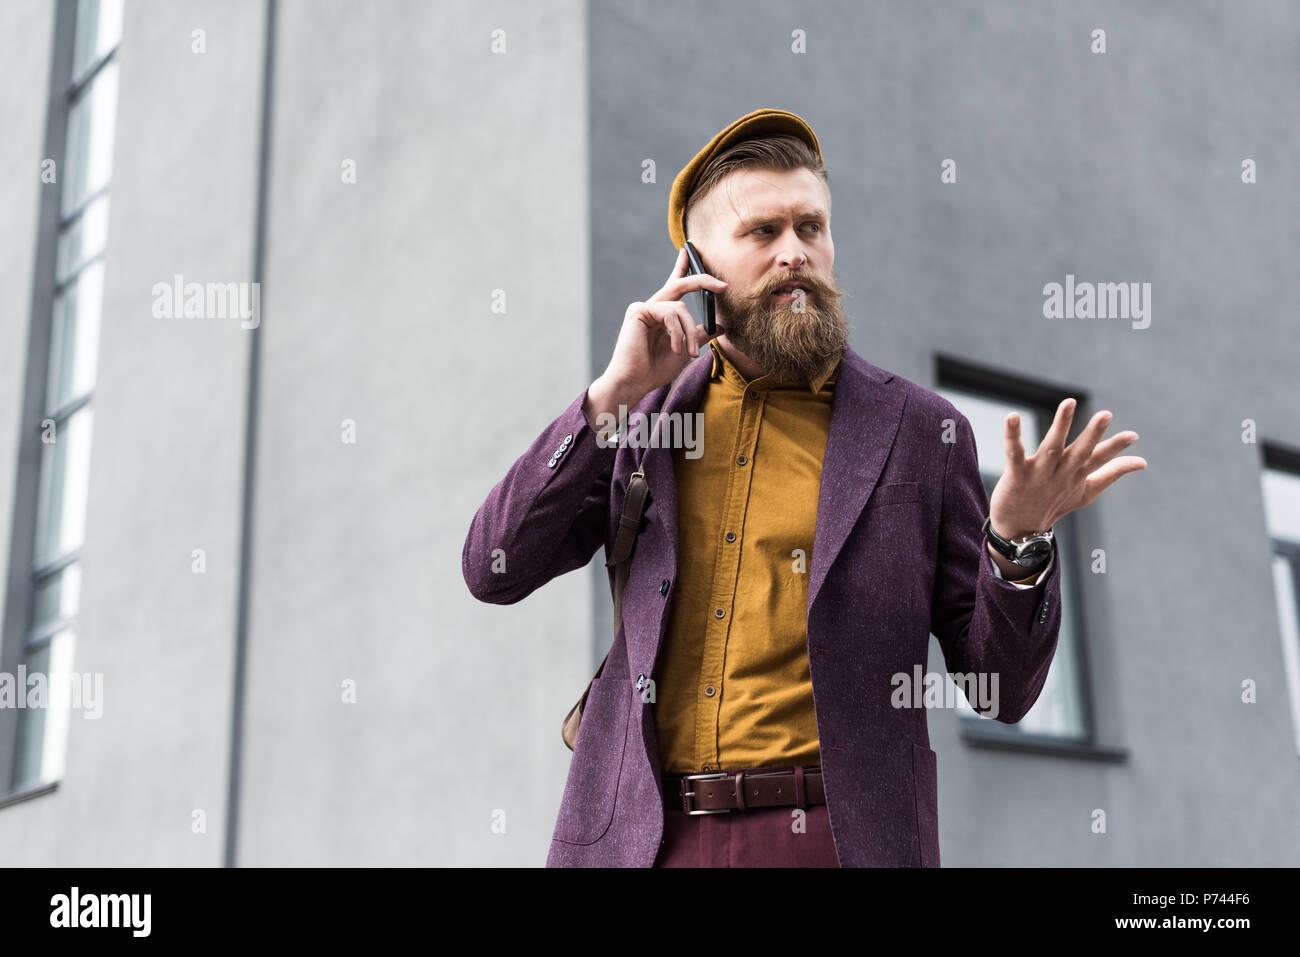 827f6c2472b41b Schöner Mann im Vintage Style Kleidung sprechen auf dem Smartphone ...